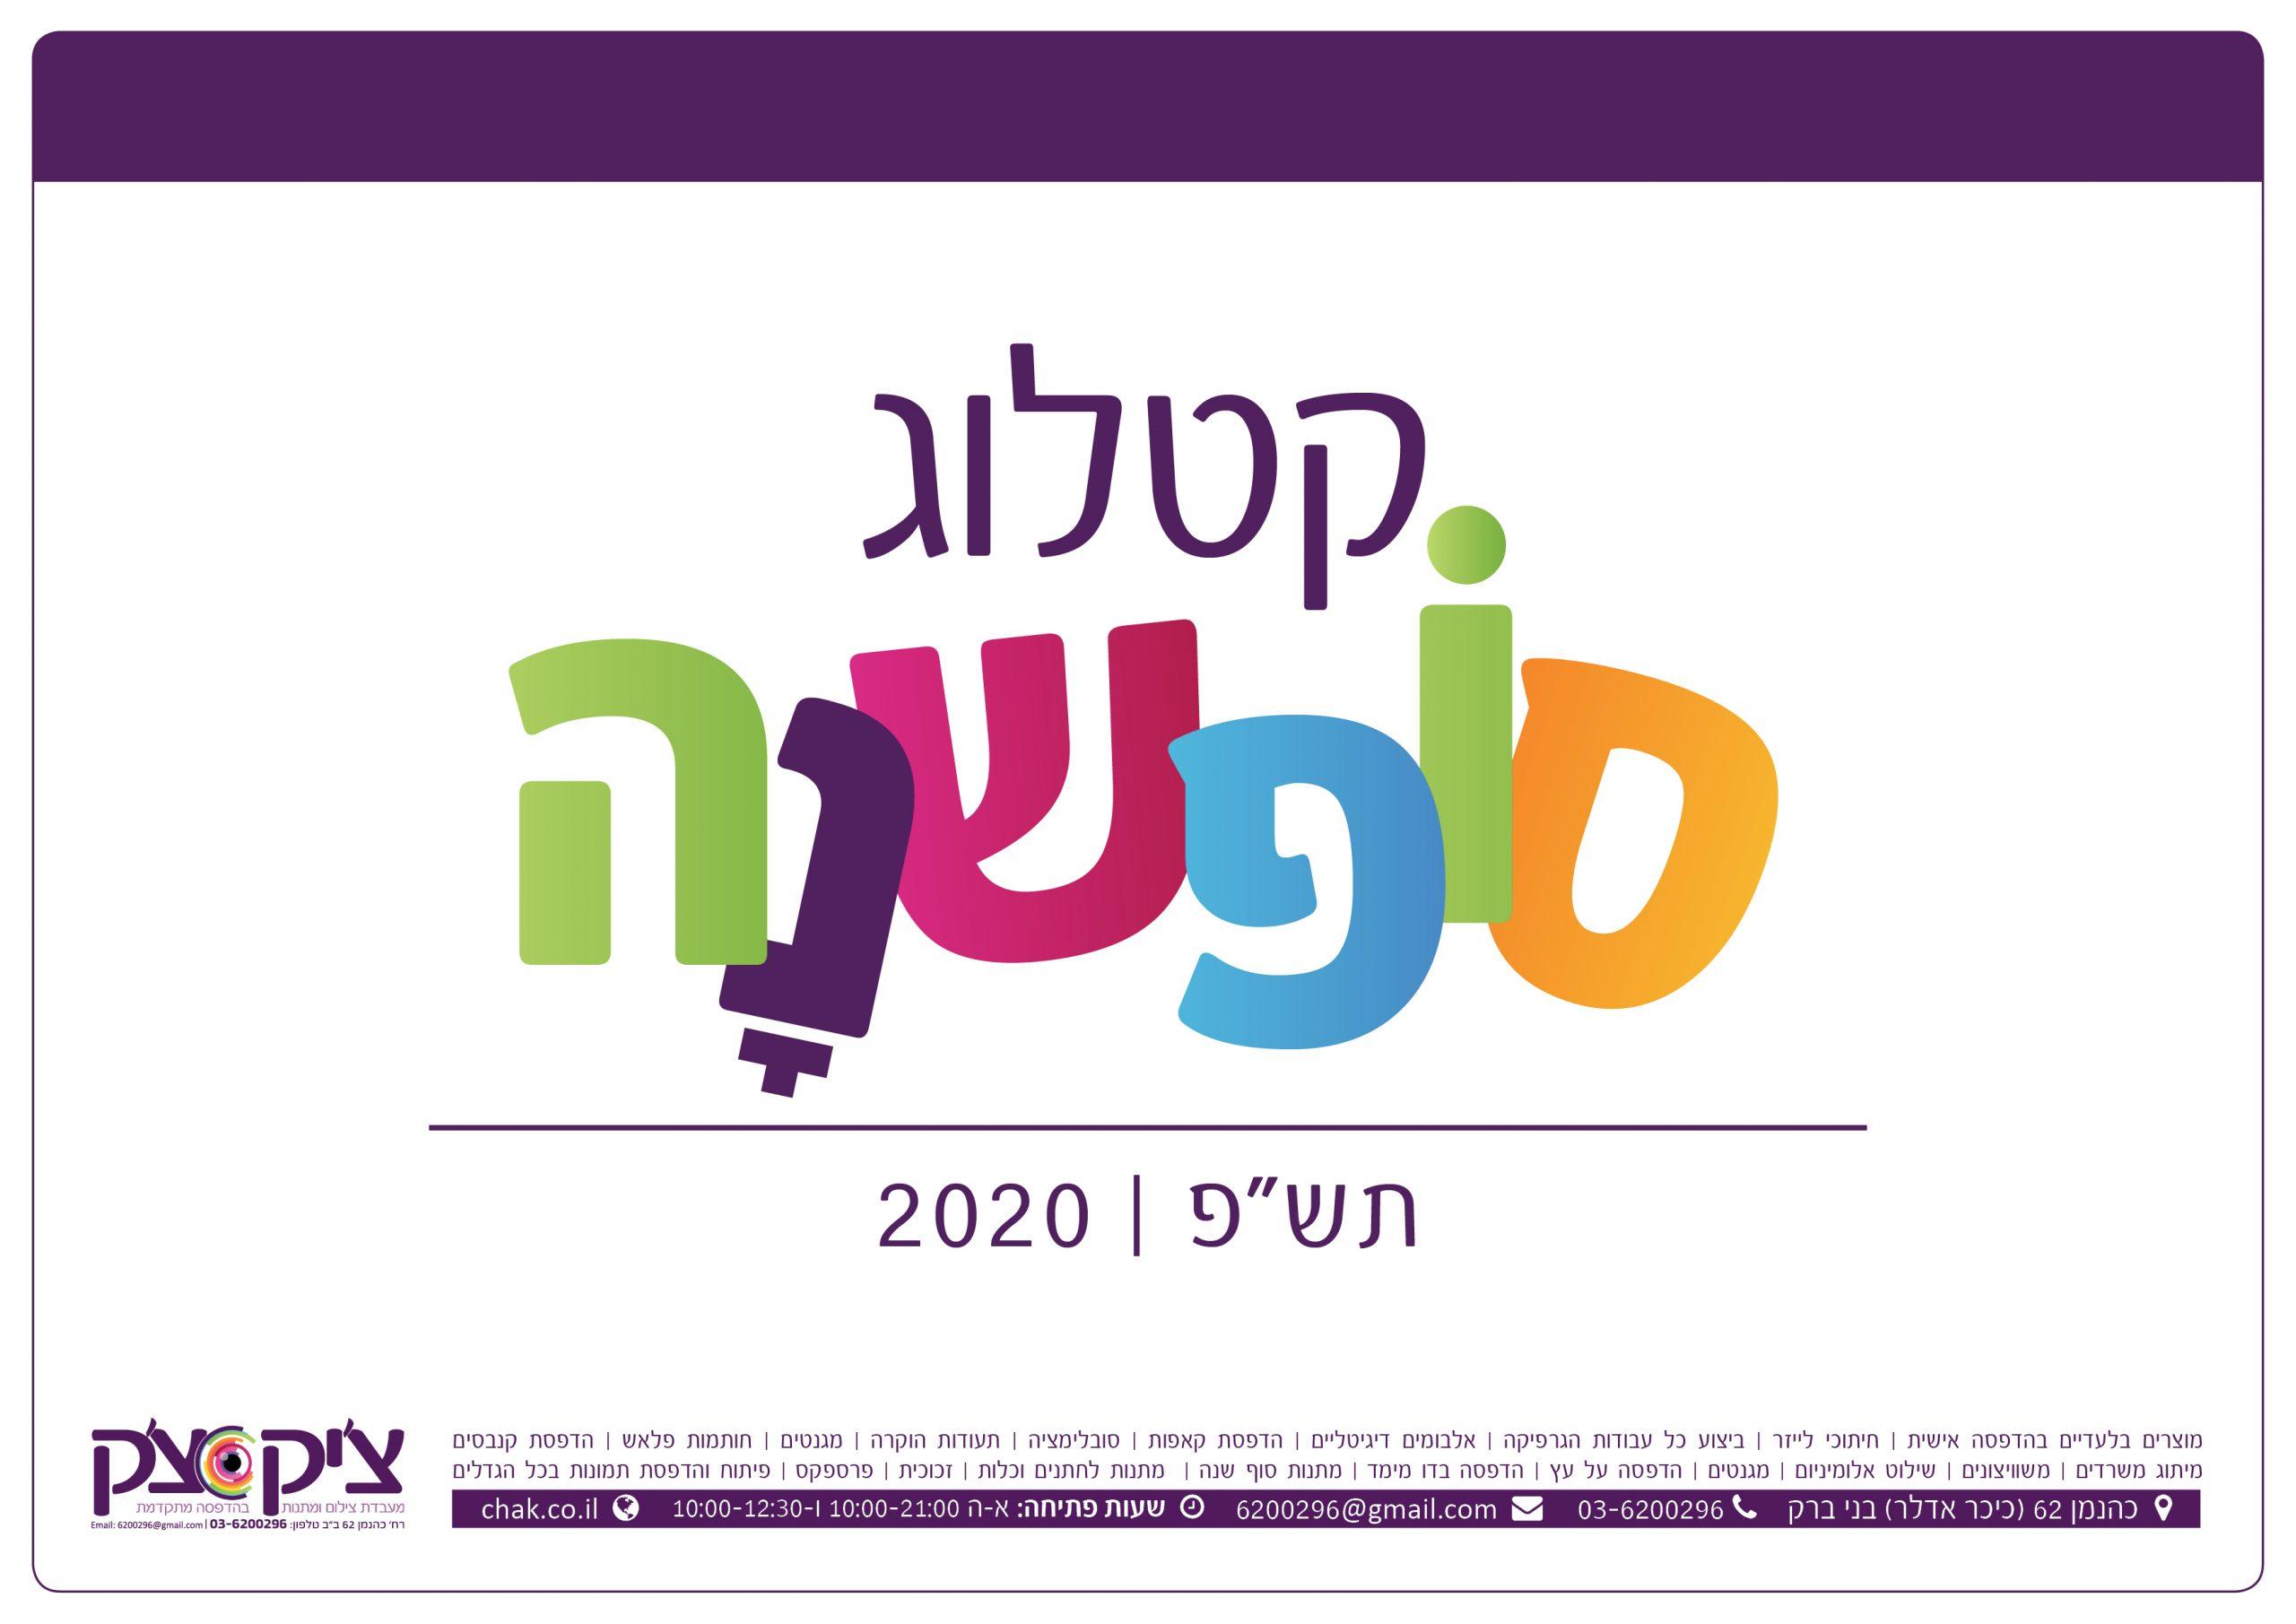 צ'יק צ'ק סופשנה 2020